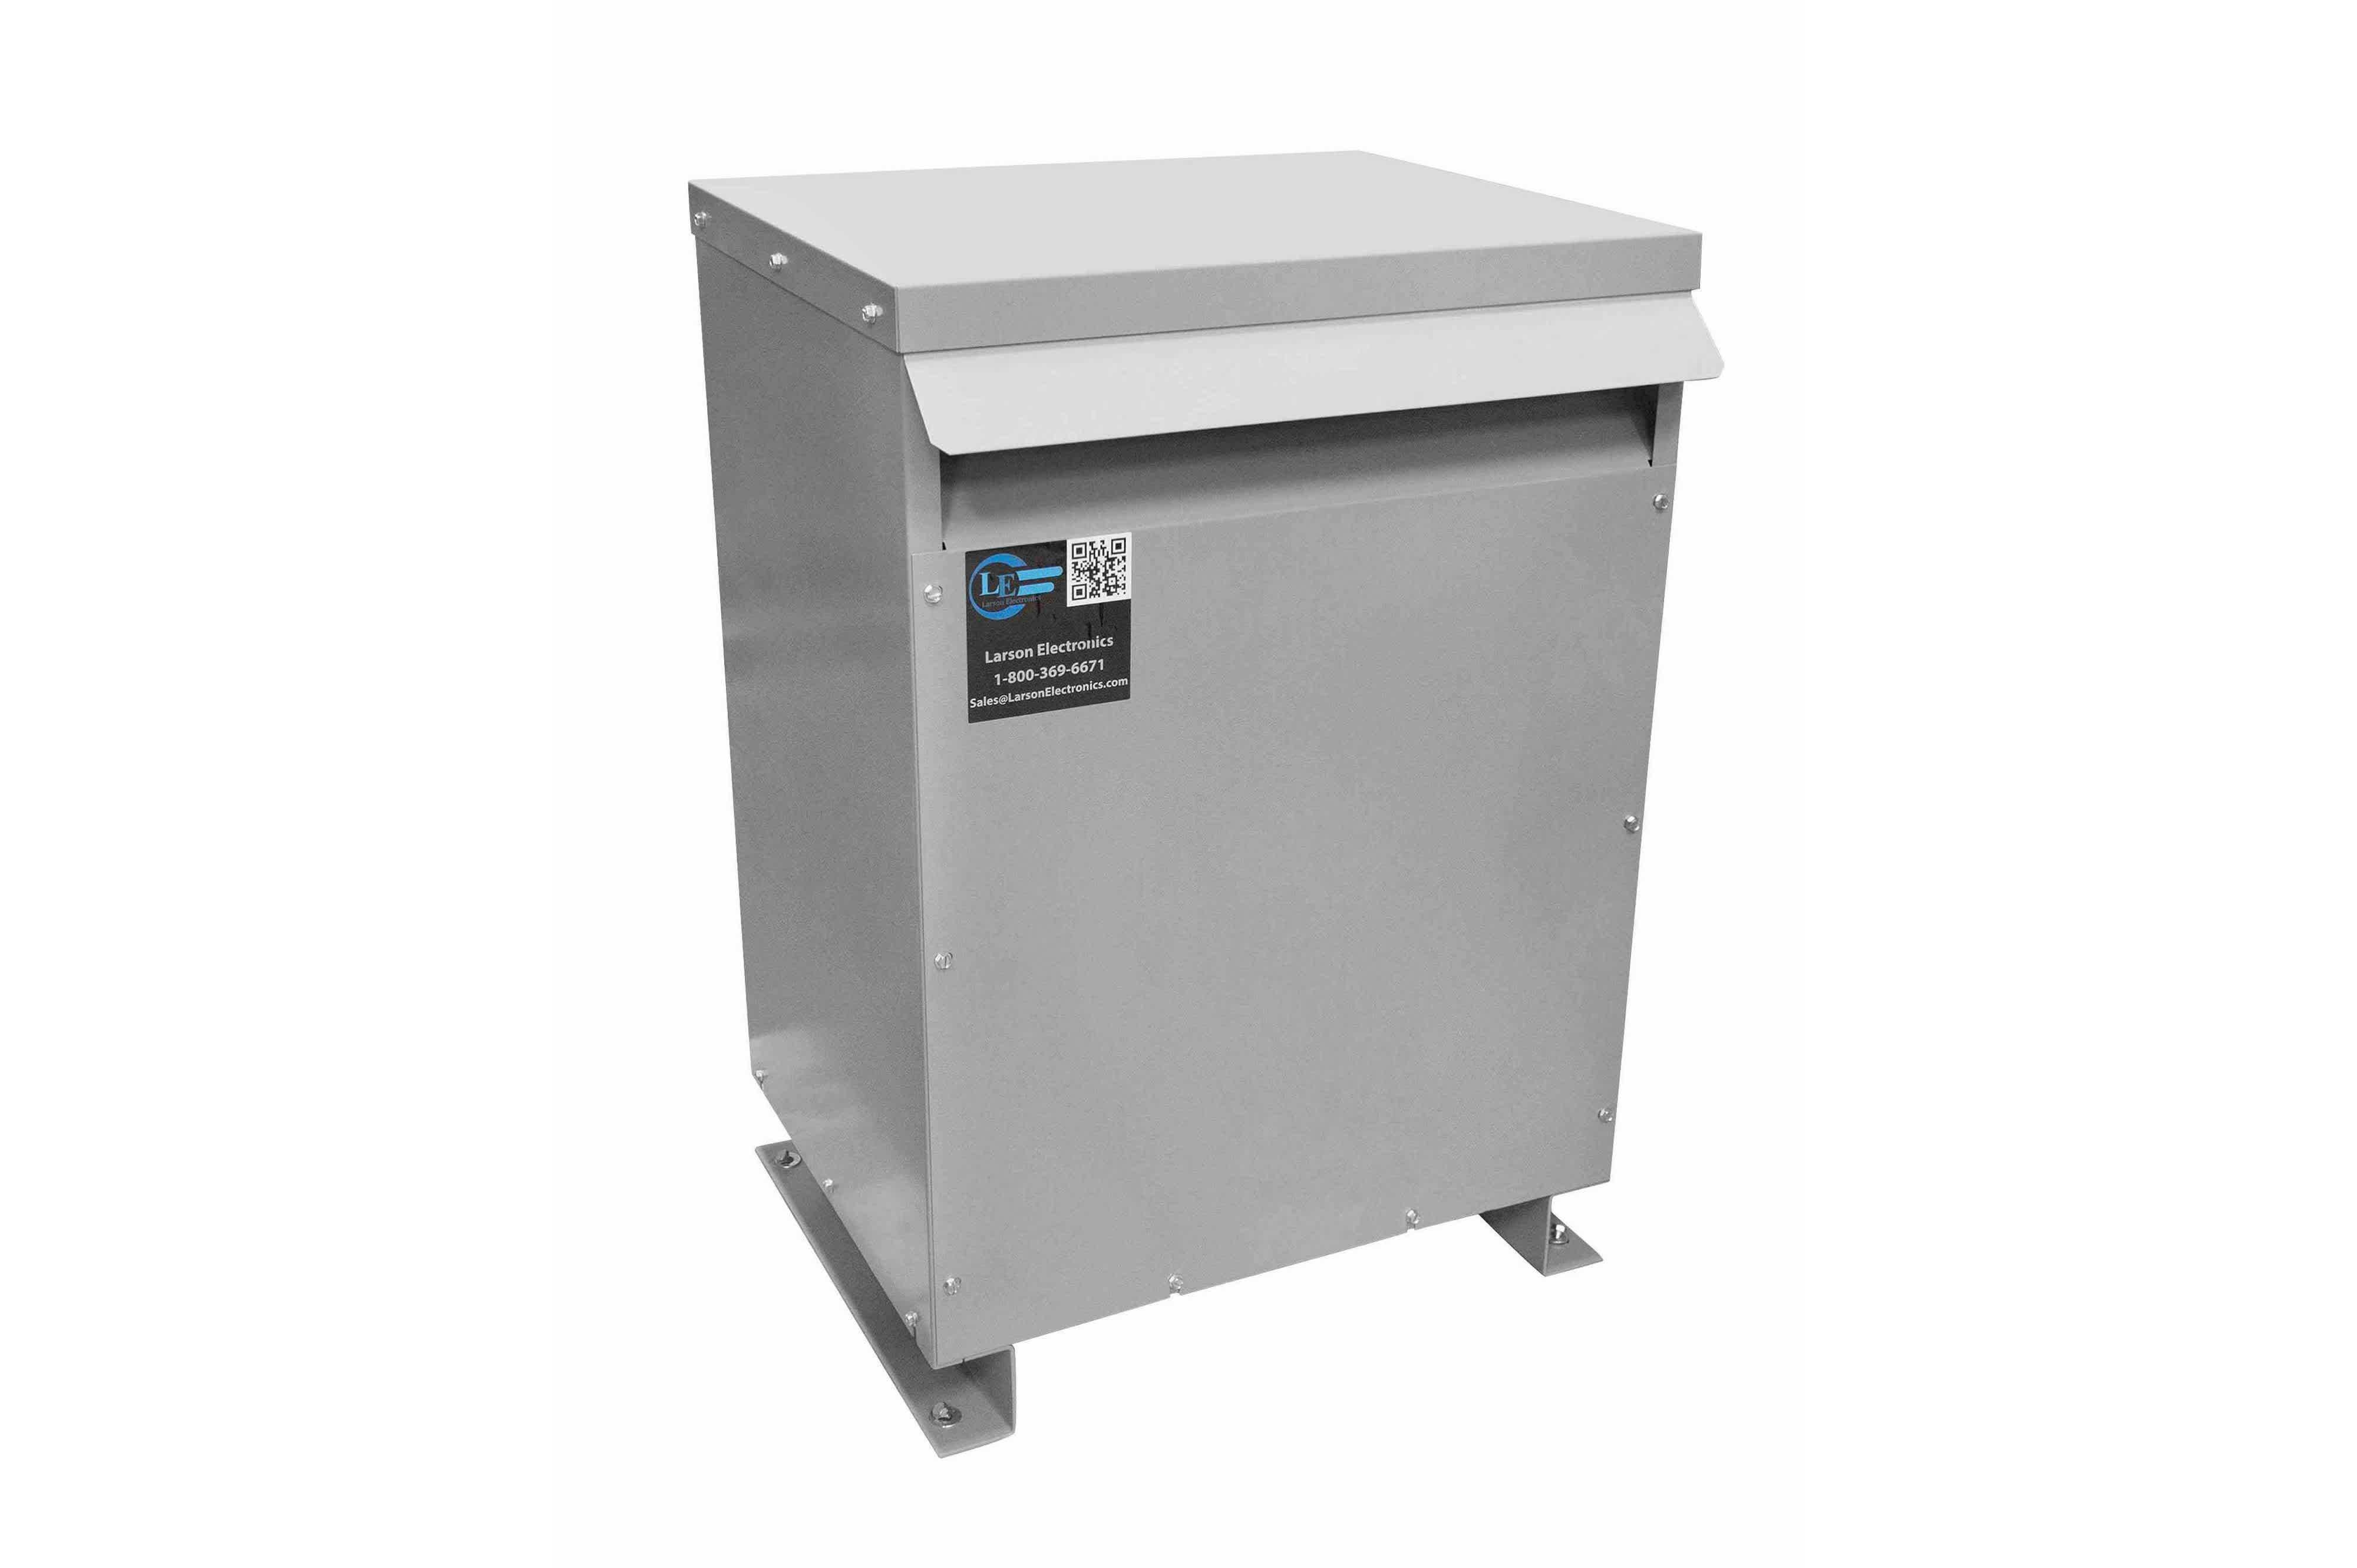 42.5 kVA 3PH Isolation Transformer, 380V Delta Primary, 480V Delta Secondary, N3R, Ventilated, 60 Hz